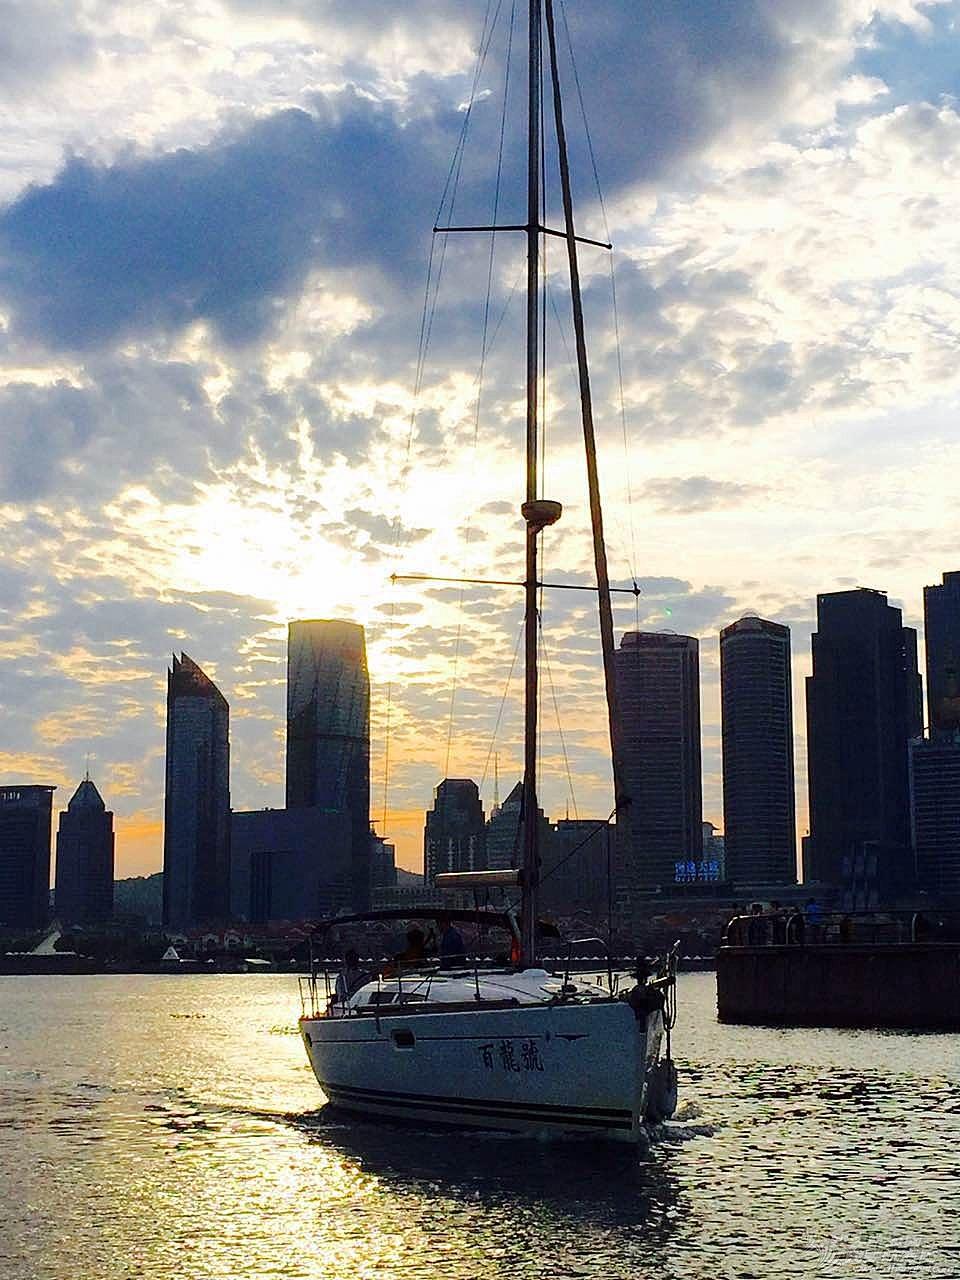 玩儿帆船是一种生活方式